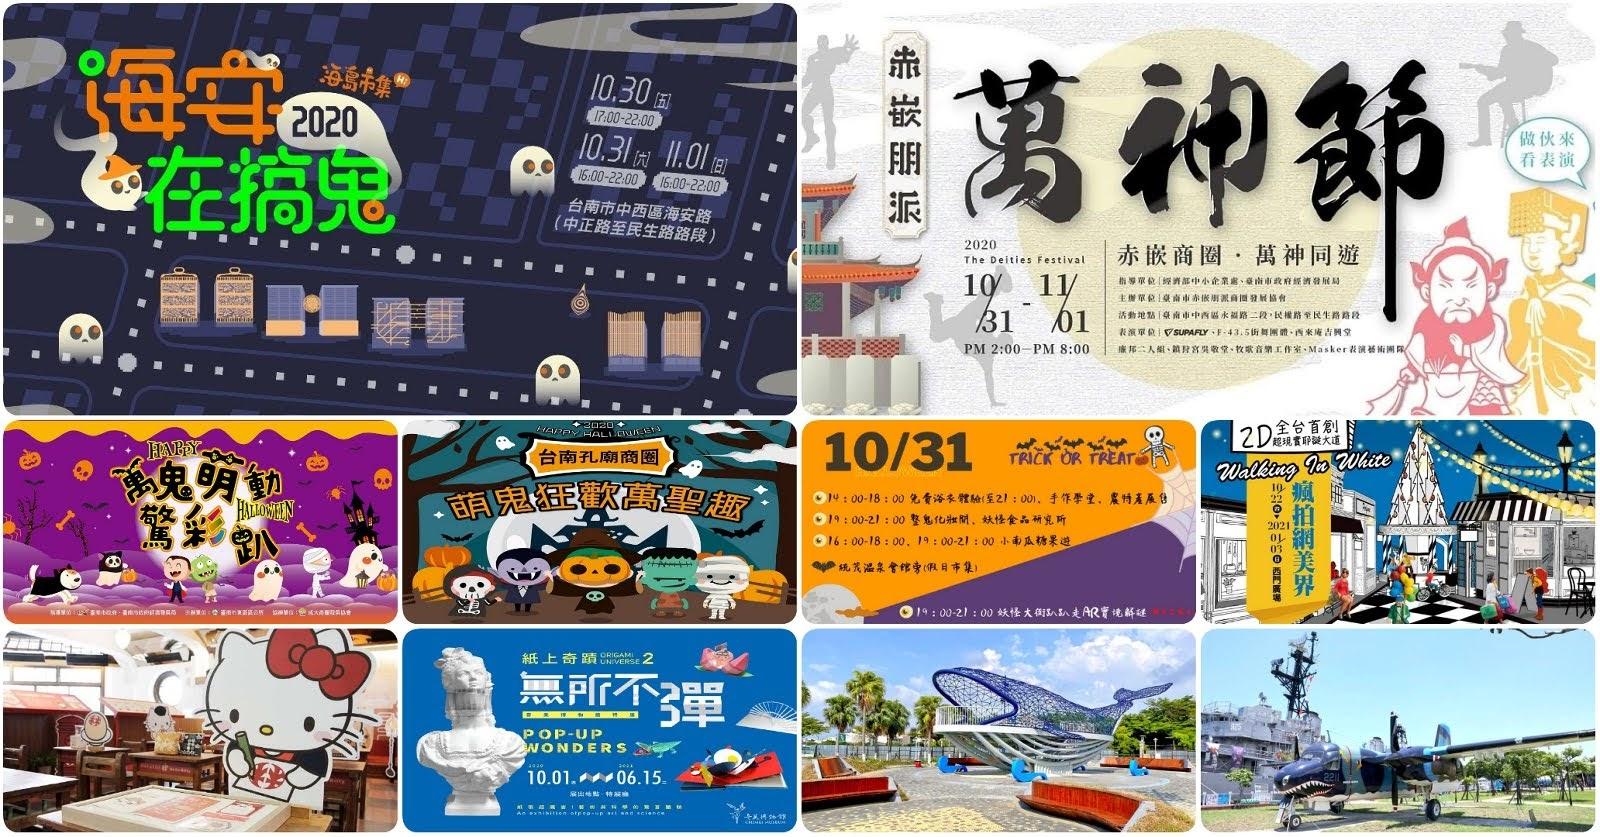 [活動] 2020/10/30-/11/1|台南週末活動整理|萬聖節特別版|本週末資訊數:96